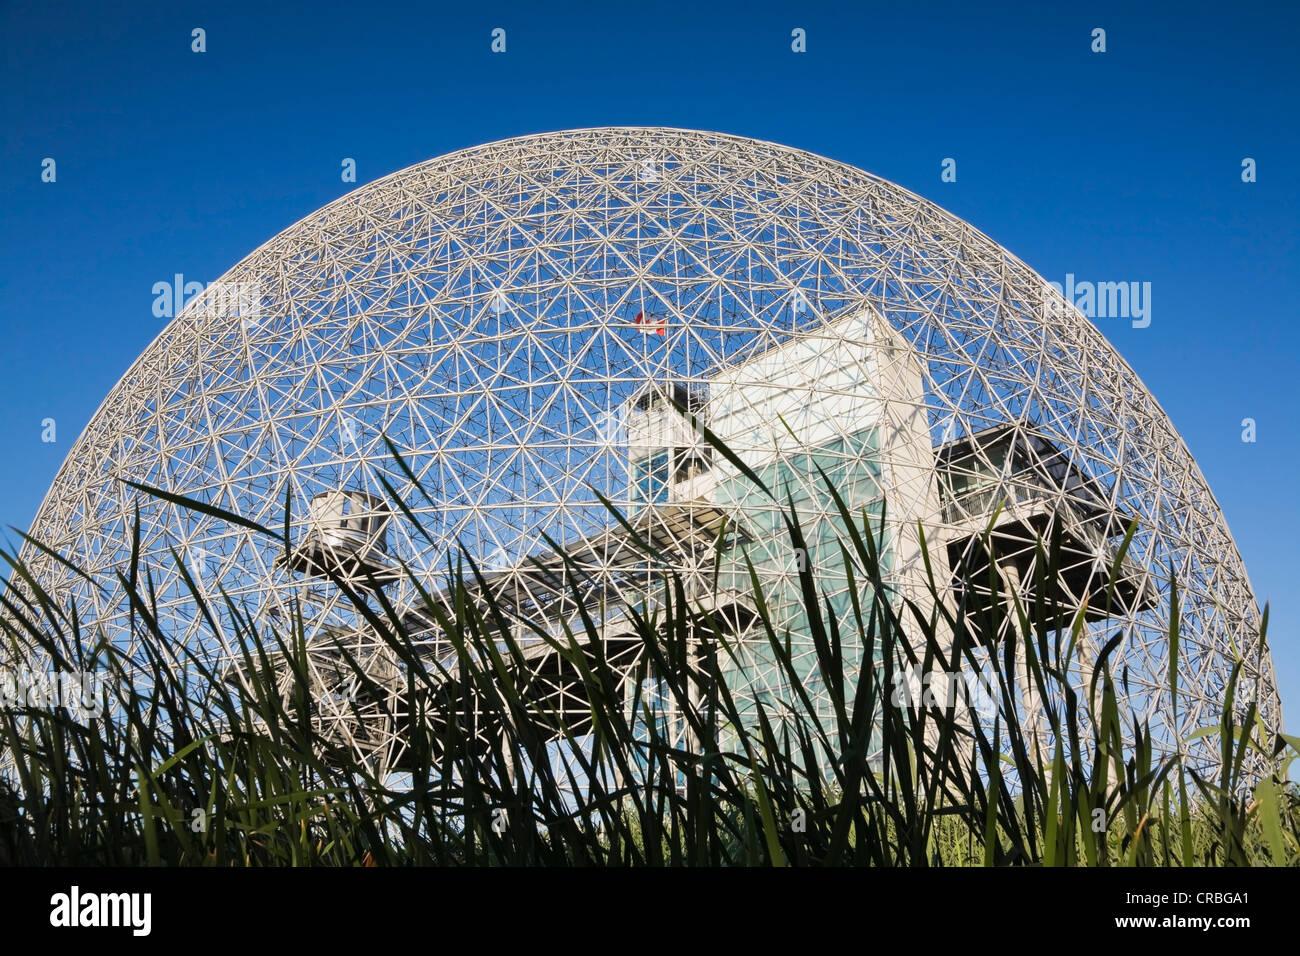 Geodätische Kuppel die biosphäre museum die geodätische kuppel struktur war der